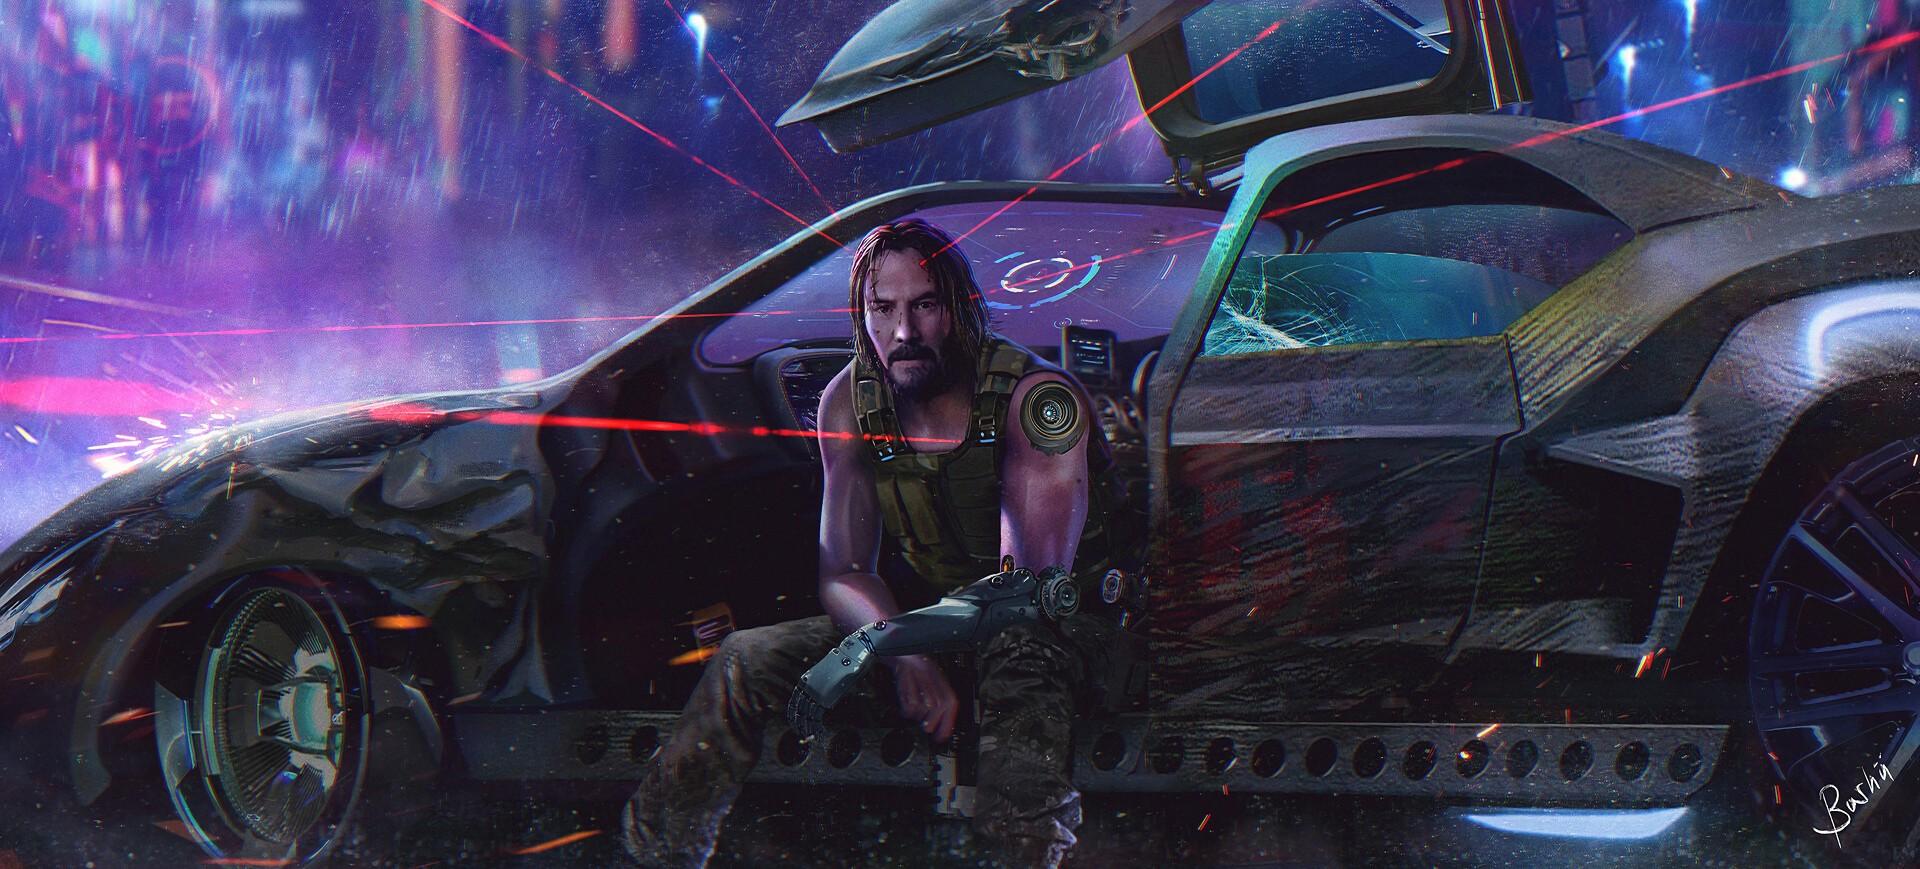 Эксперты пророчат: продажи Cyberpunk 2077 достигнут 20 миллионов